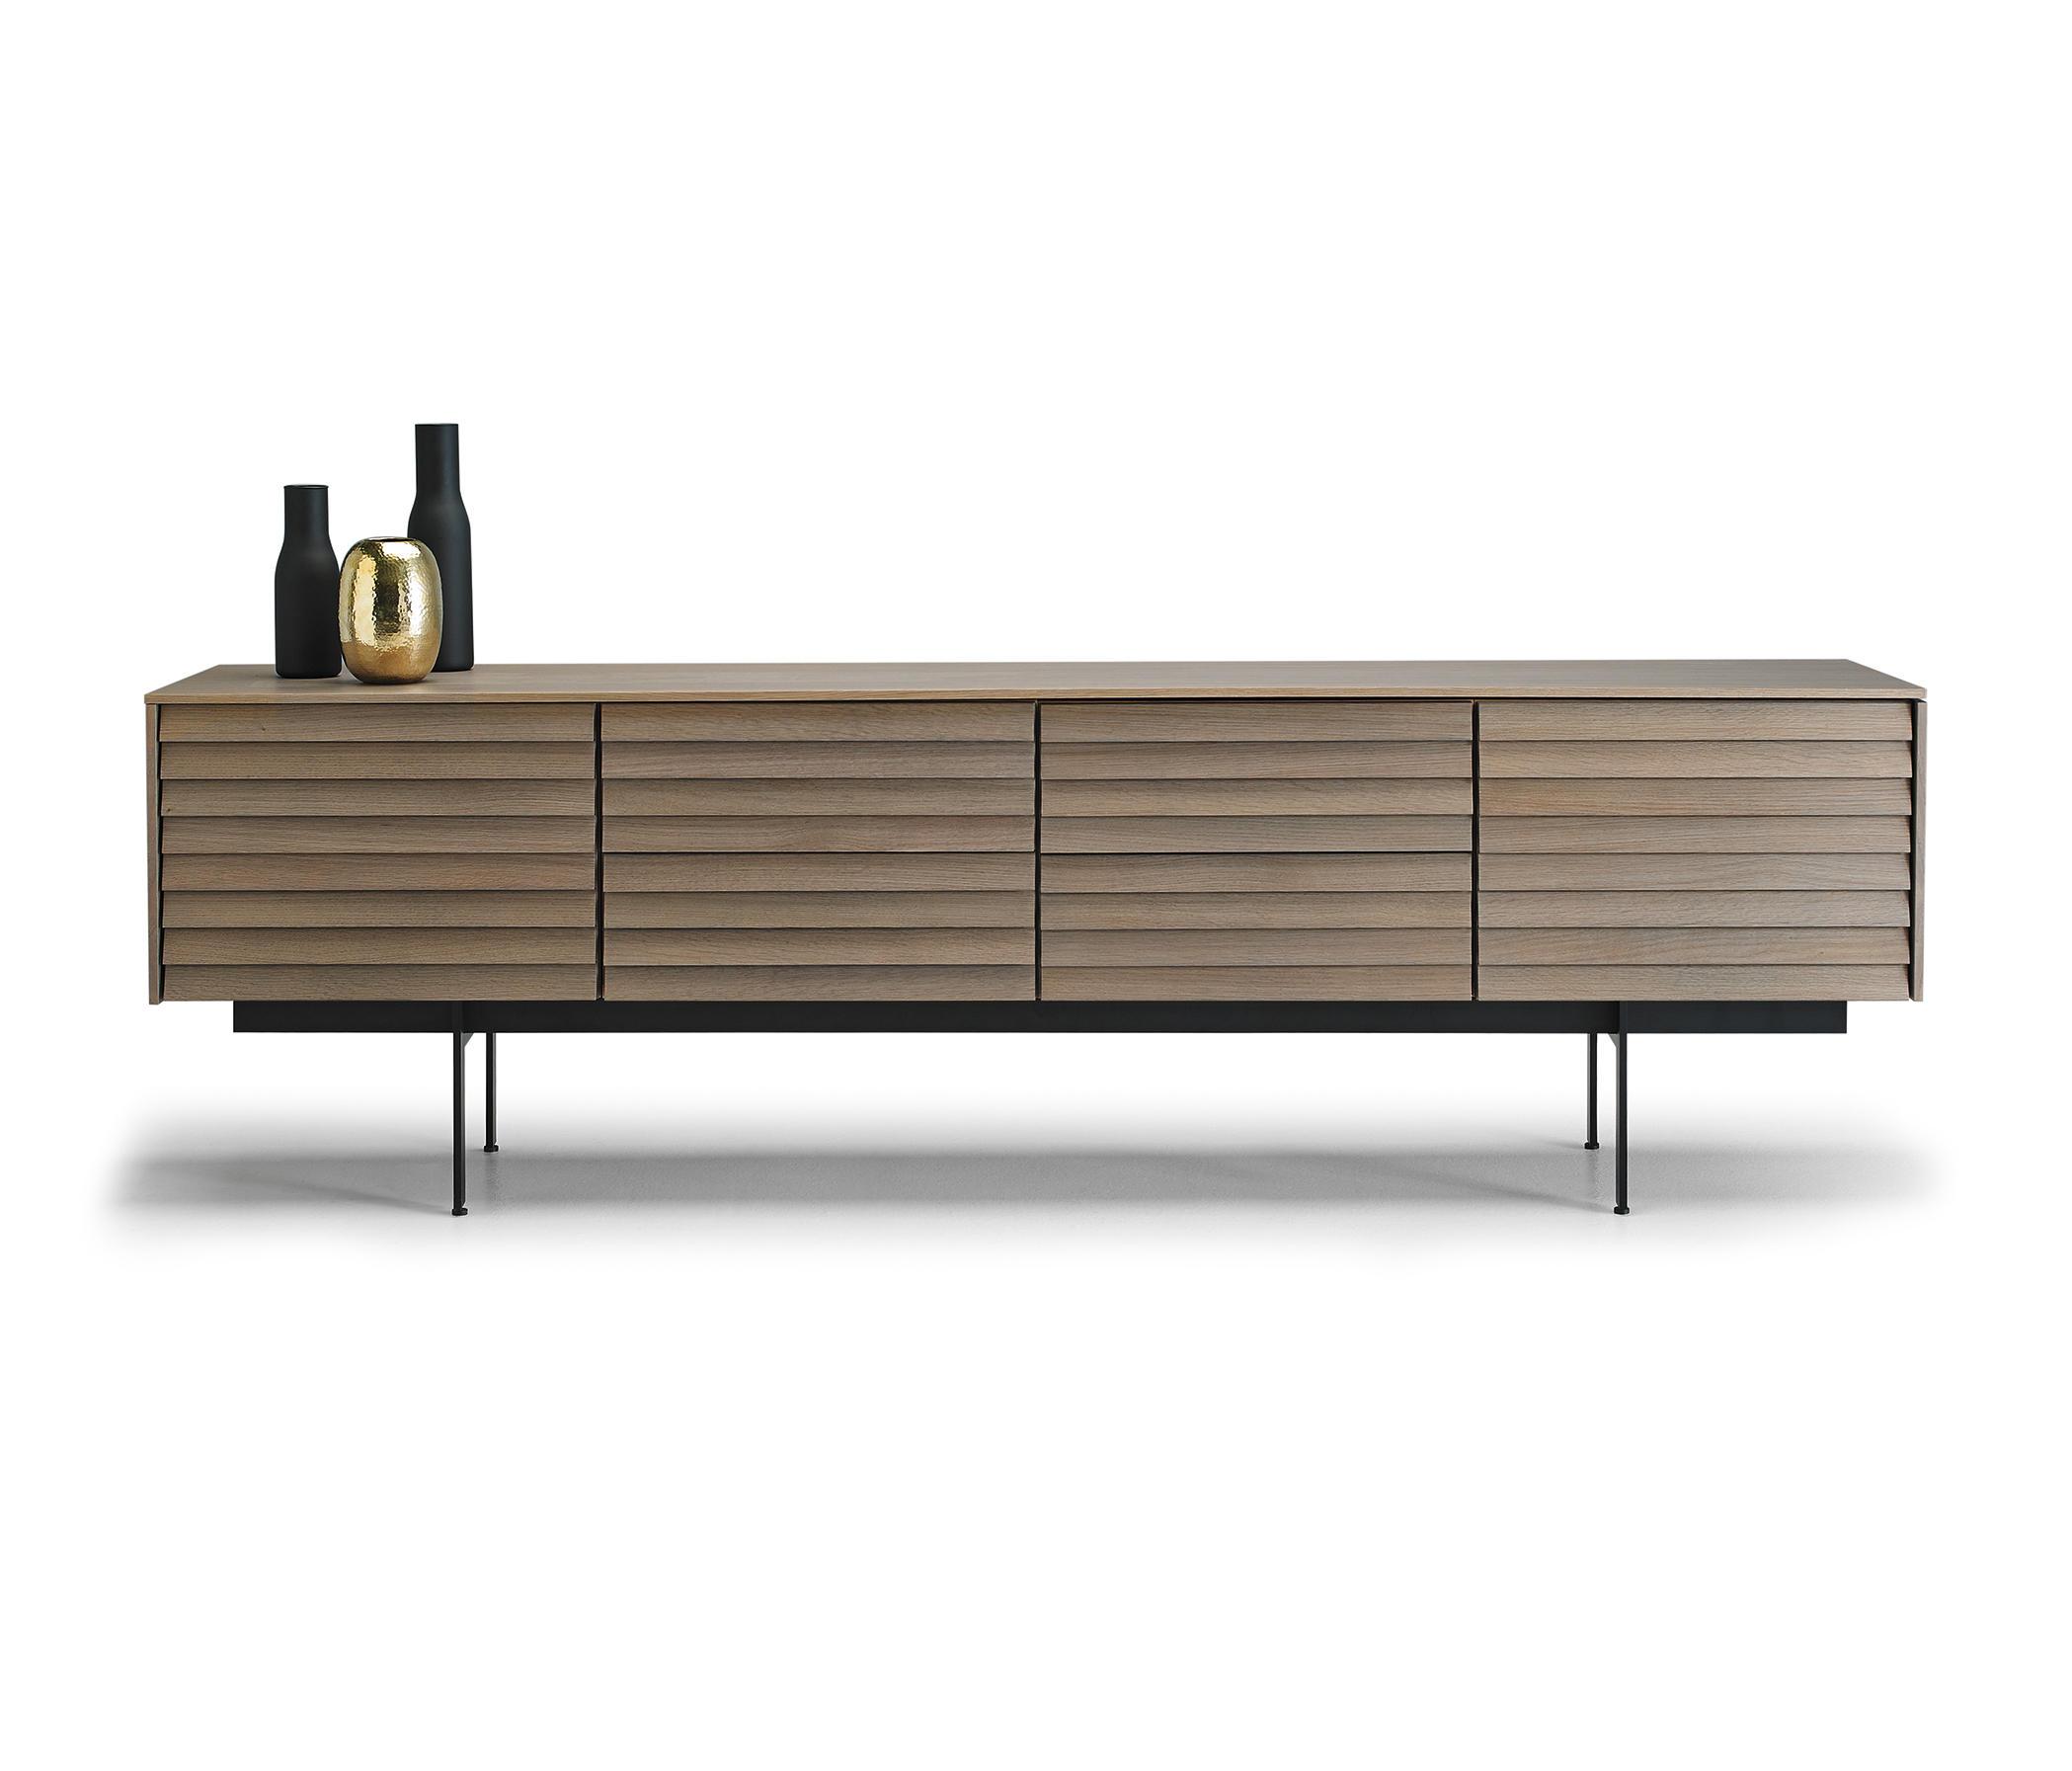 SUSSEX - Aparadores / cómodas de Punt Mobles | Architonic